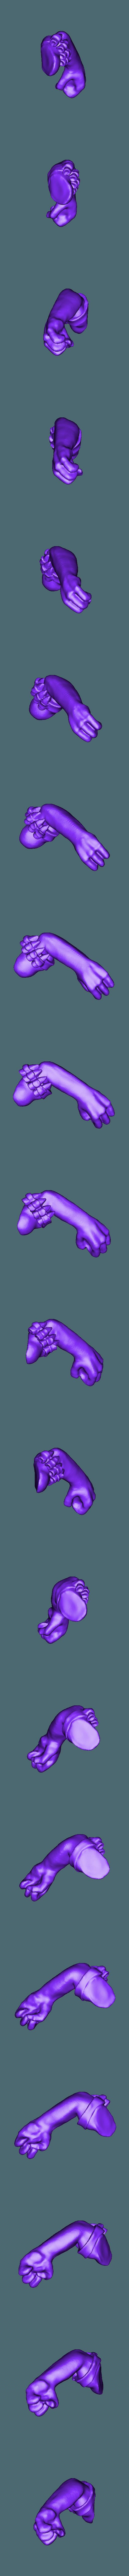 left_arm_v1.stl Télécharger fichier STL gratuit Miniatures de guerriers caméléons • Design à imprimer en 3D, Ilhadiel